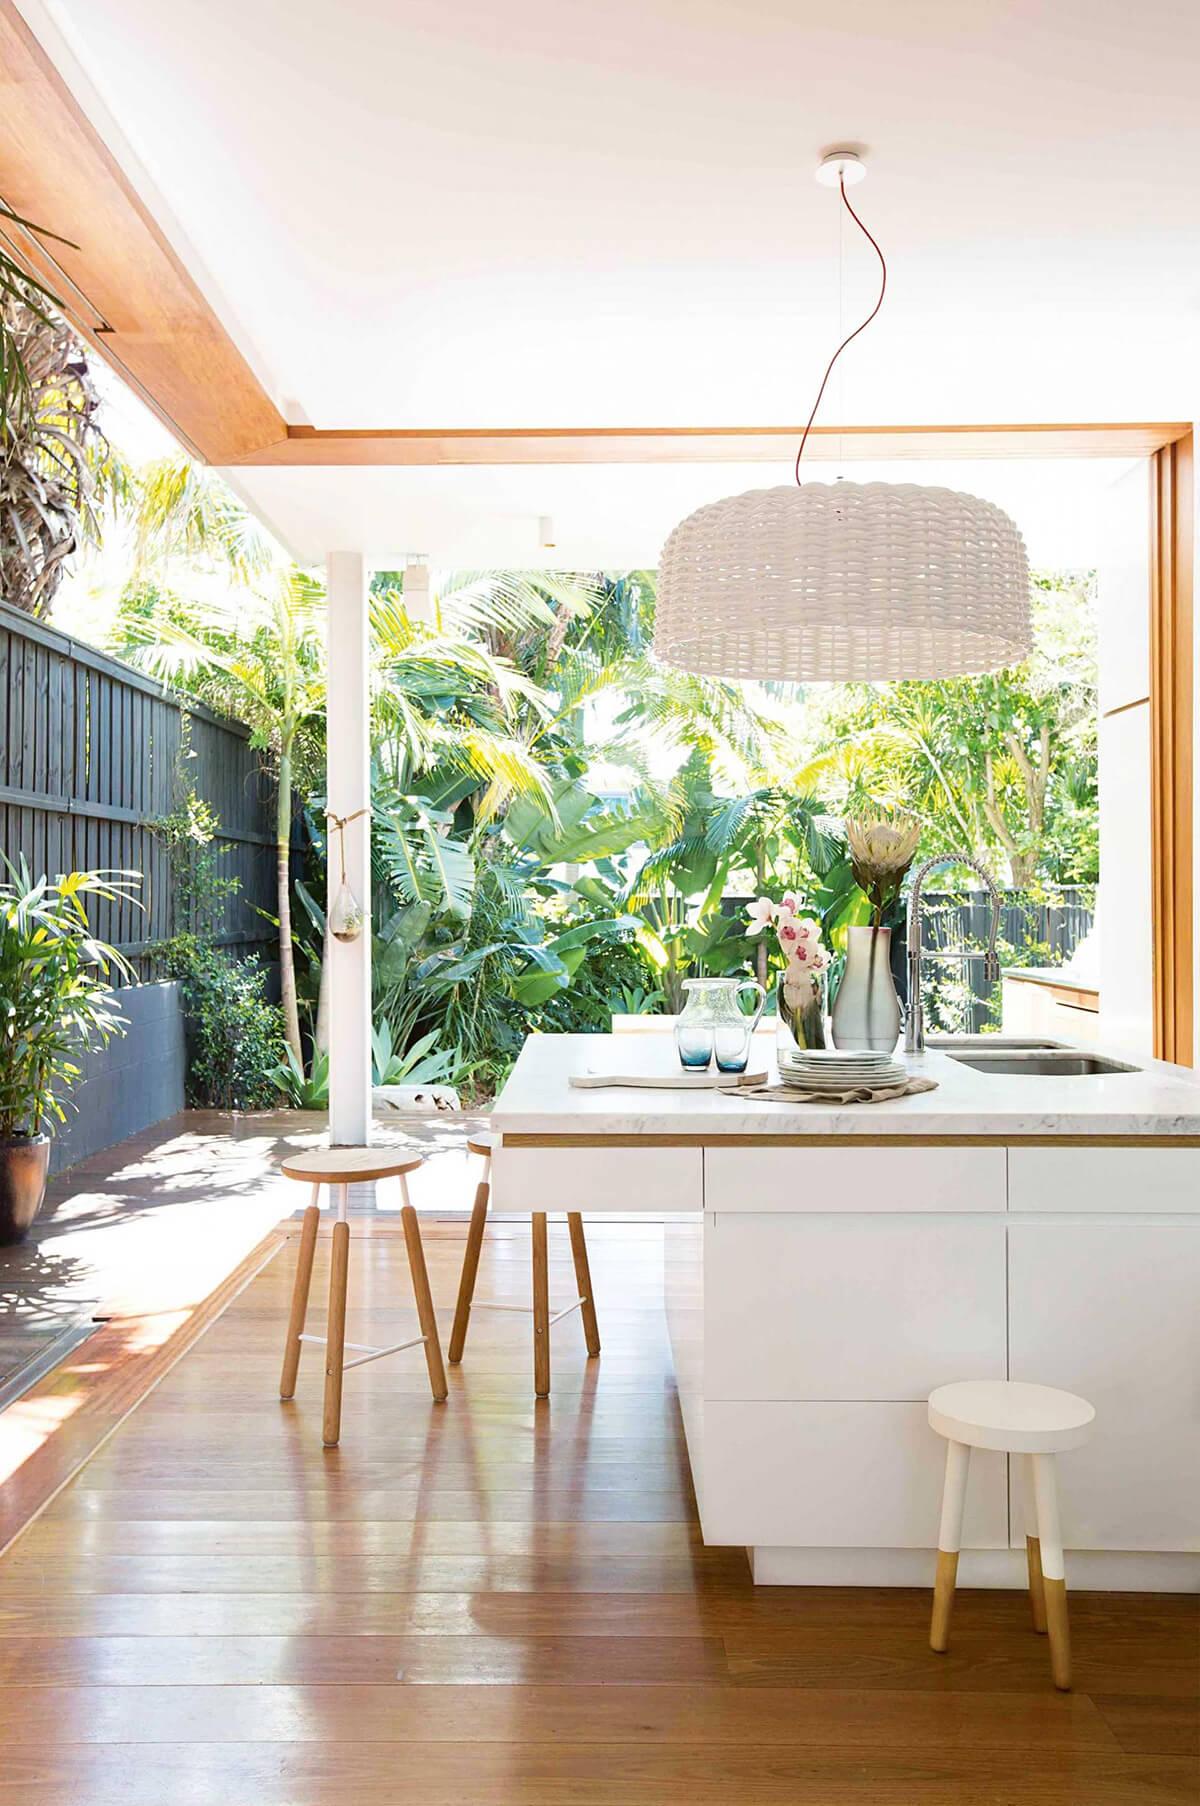 Idée de décoration de style tropical pour la cuisine